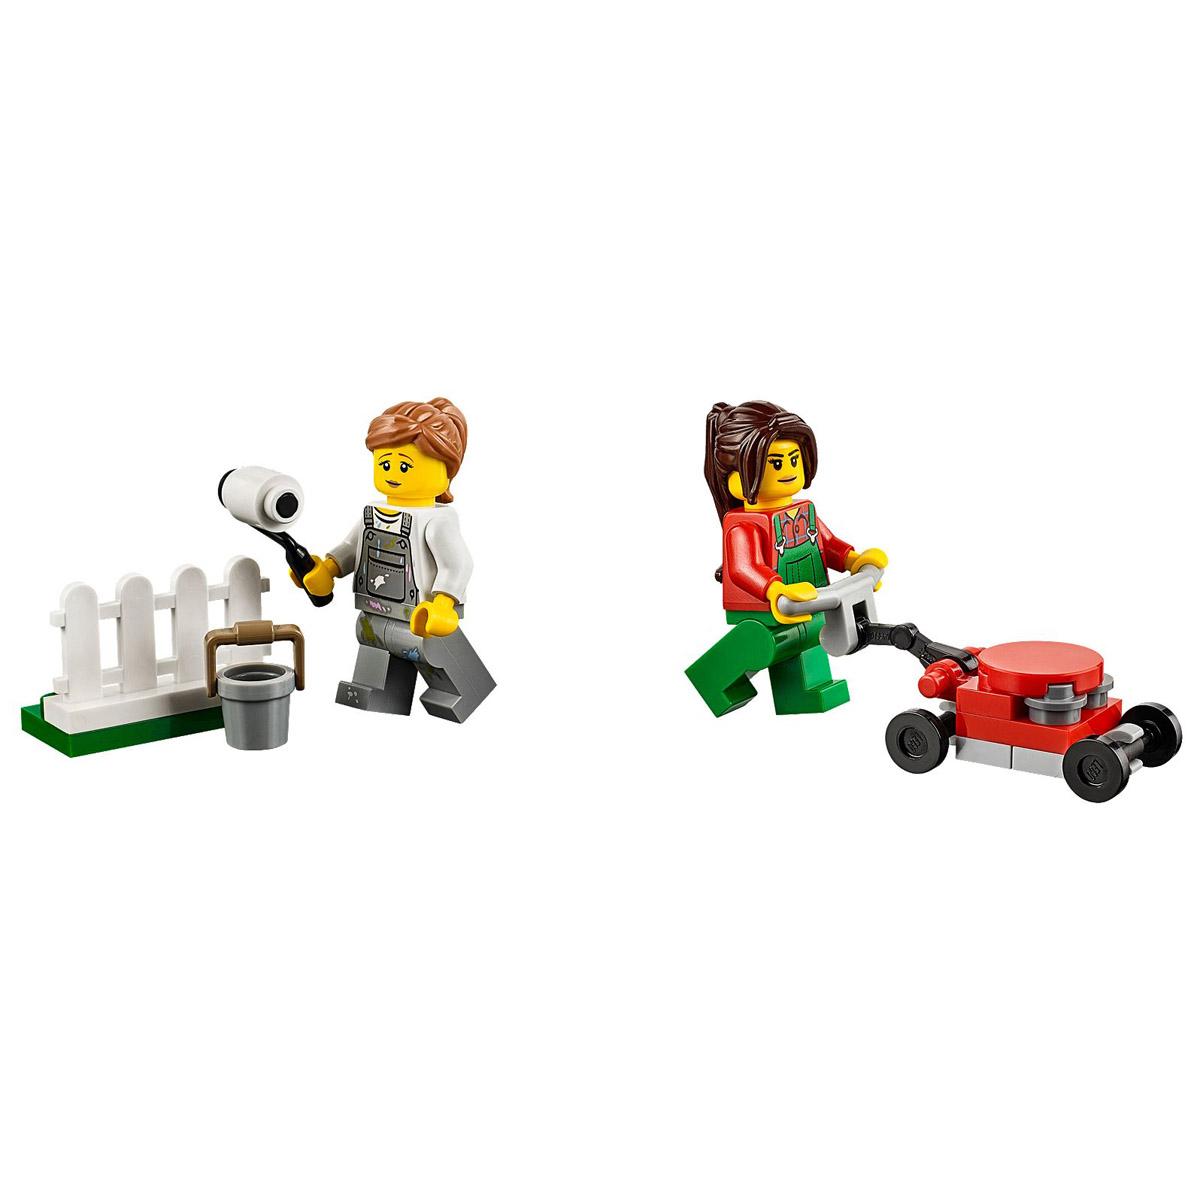 ����������� LEGO City 60134 �������� � ����� � ������ Lego City